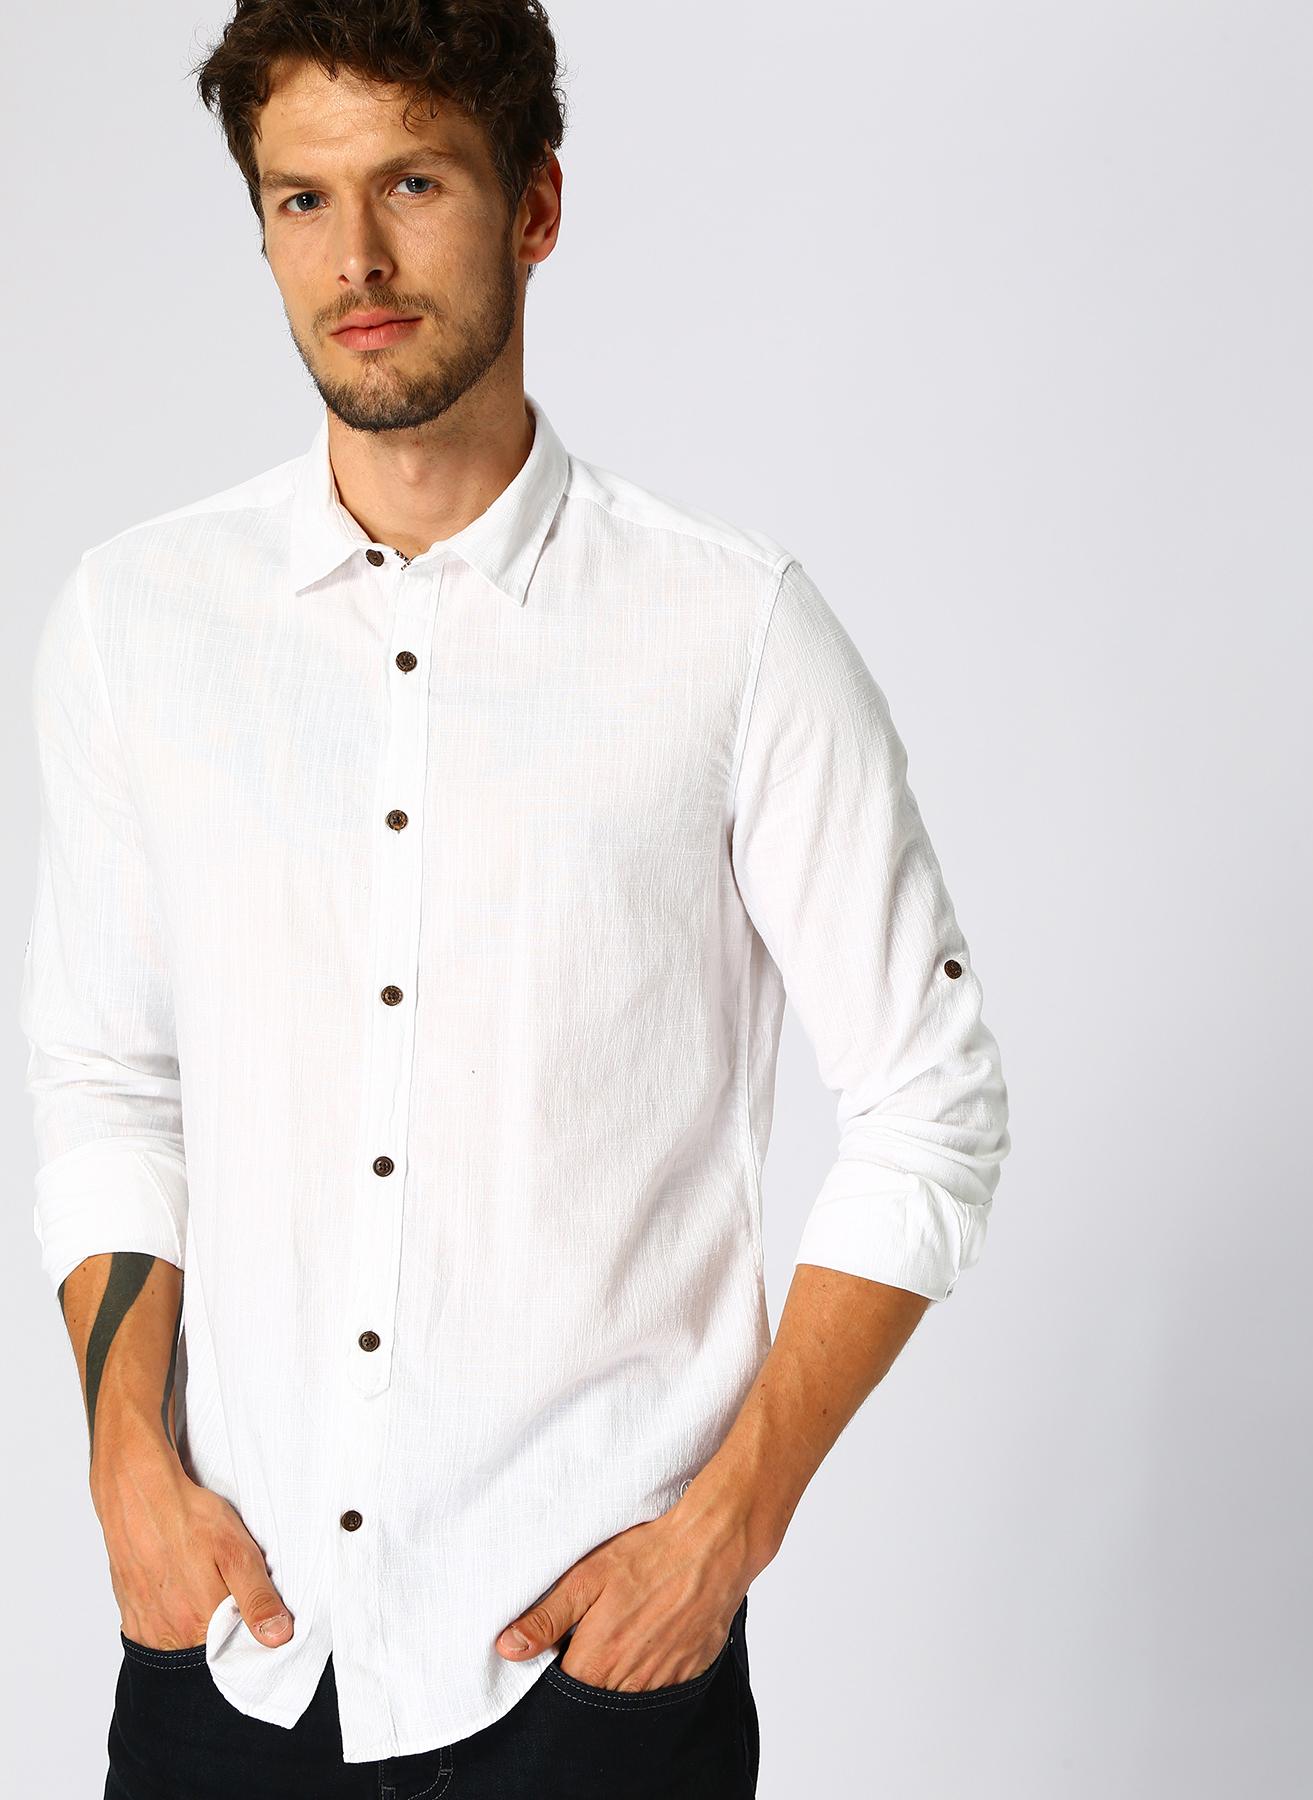 Loft Beyaz Gömlek S 5002327193003 Ürün Resmi